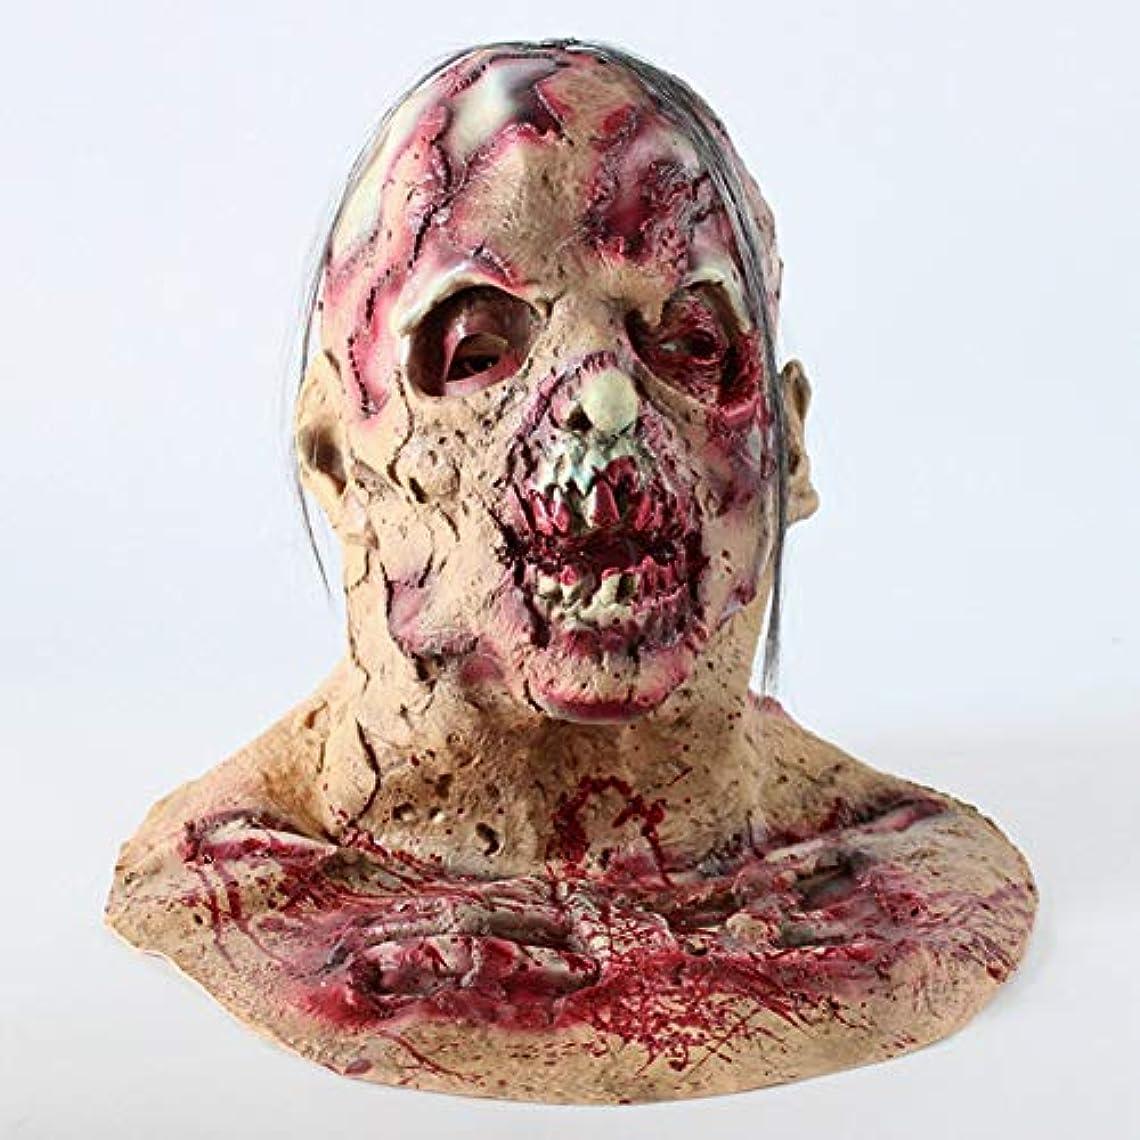 タップ適用する付録ハロウィーンホラーマスク、嫌なゾンビマスク、バイオハザードヘッドマスク、パーティー仮装ラテックスマスク